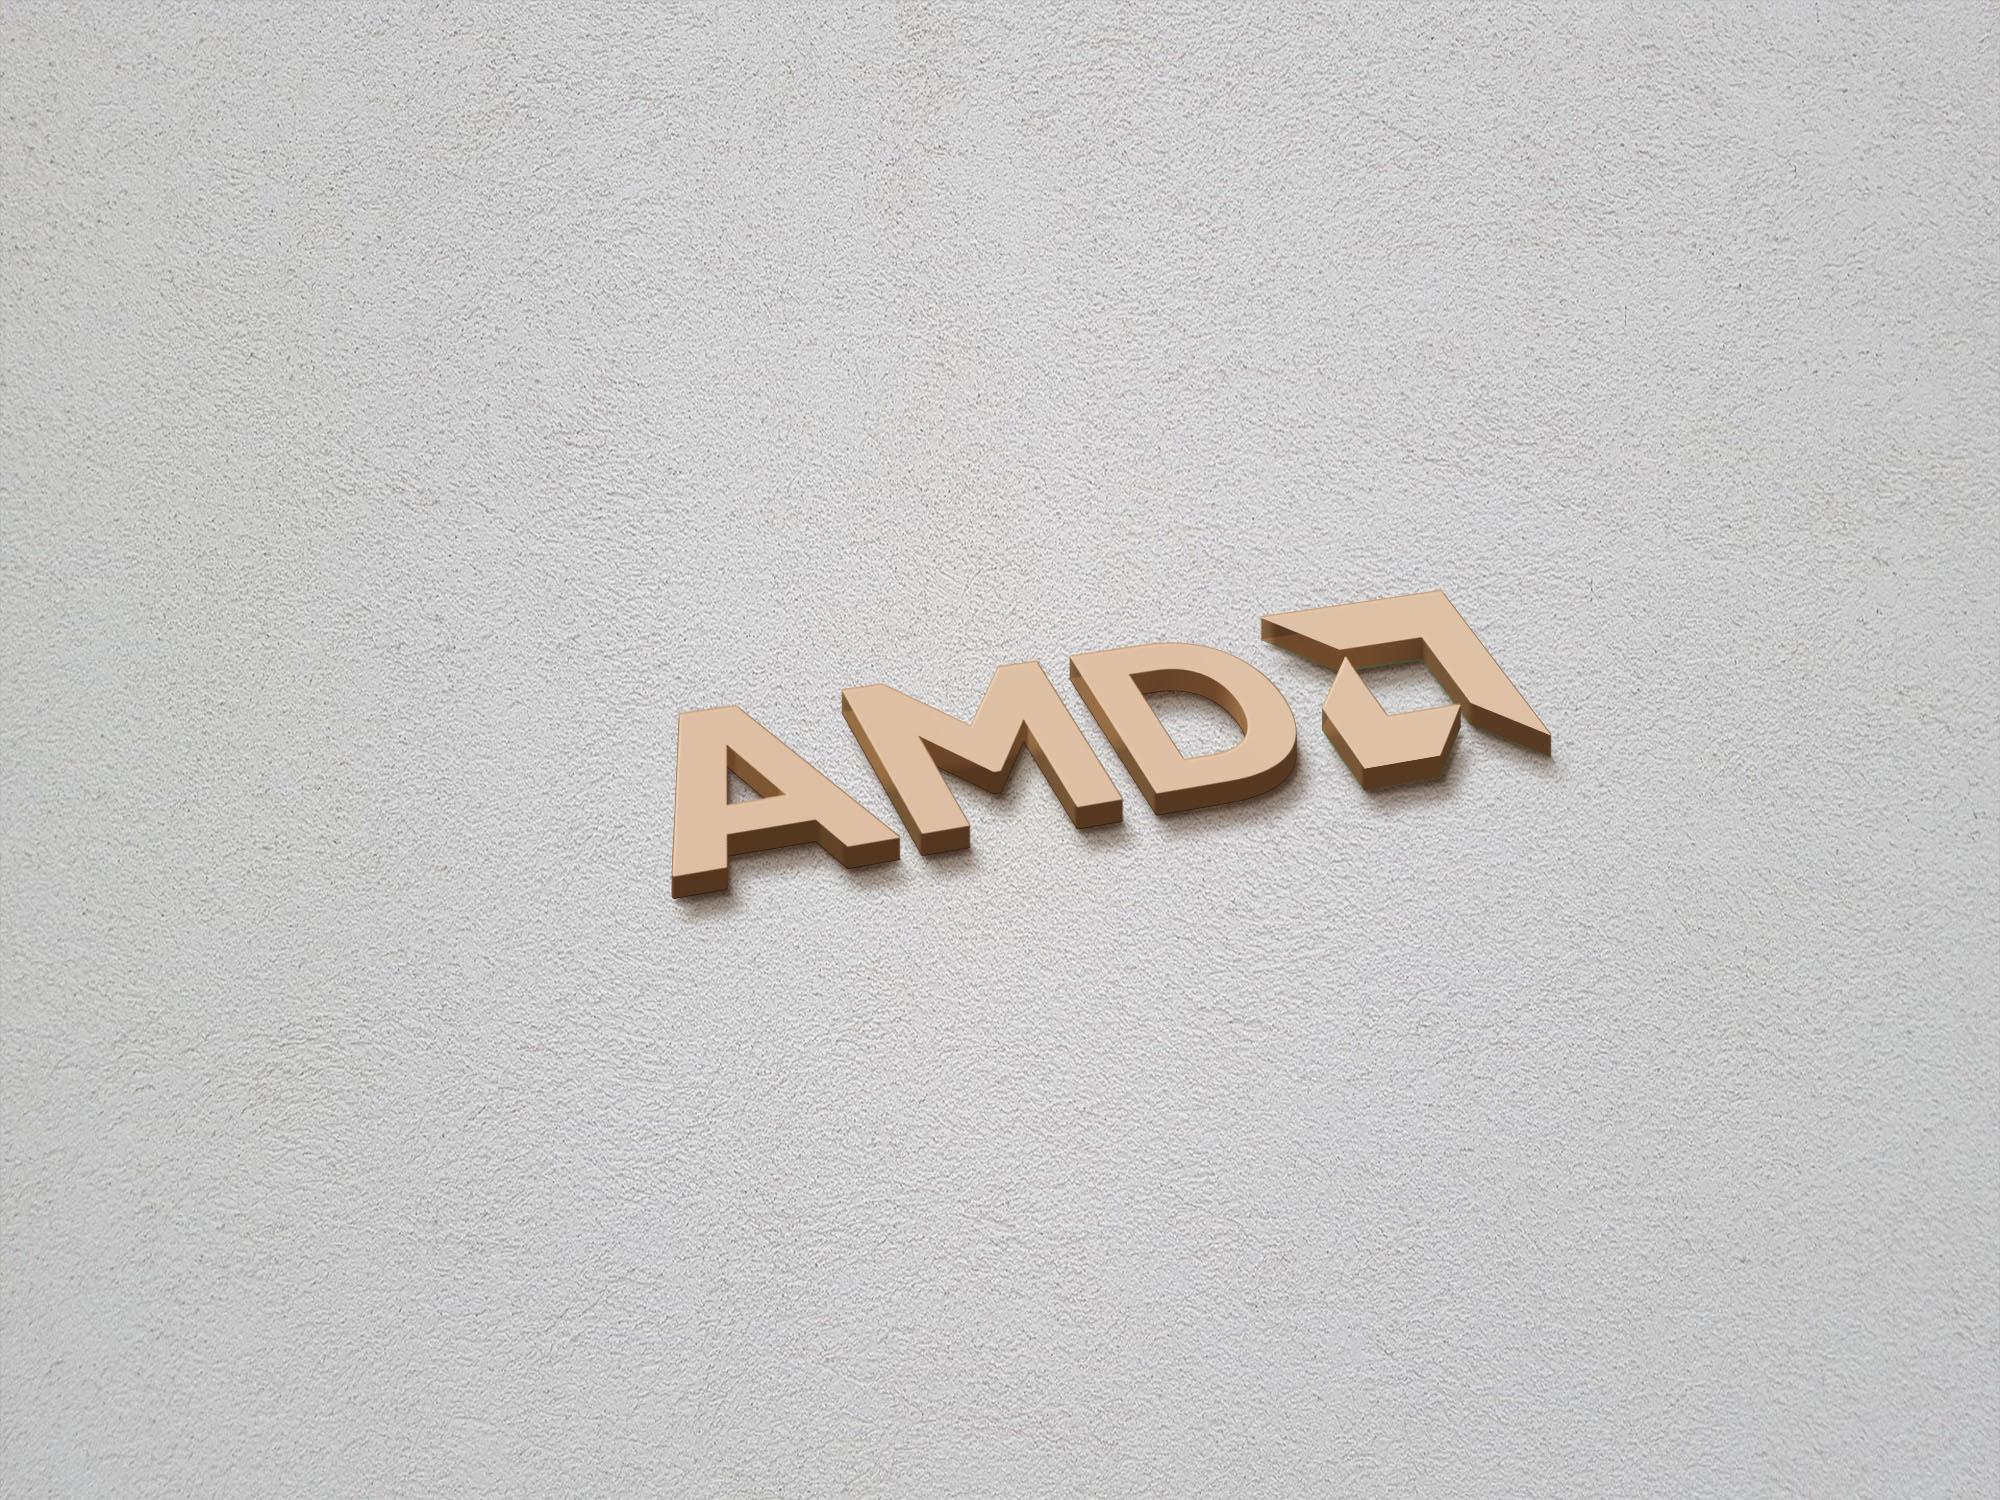 AMD logo on 3d gold mockup